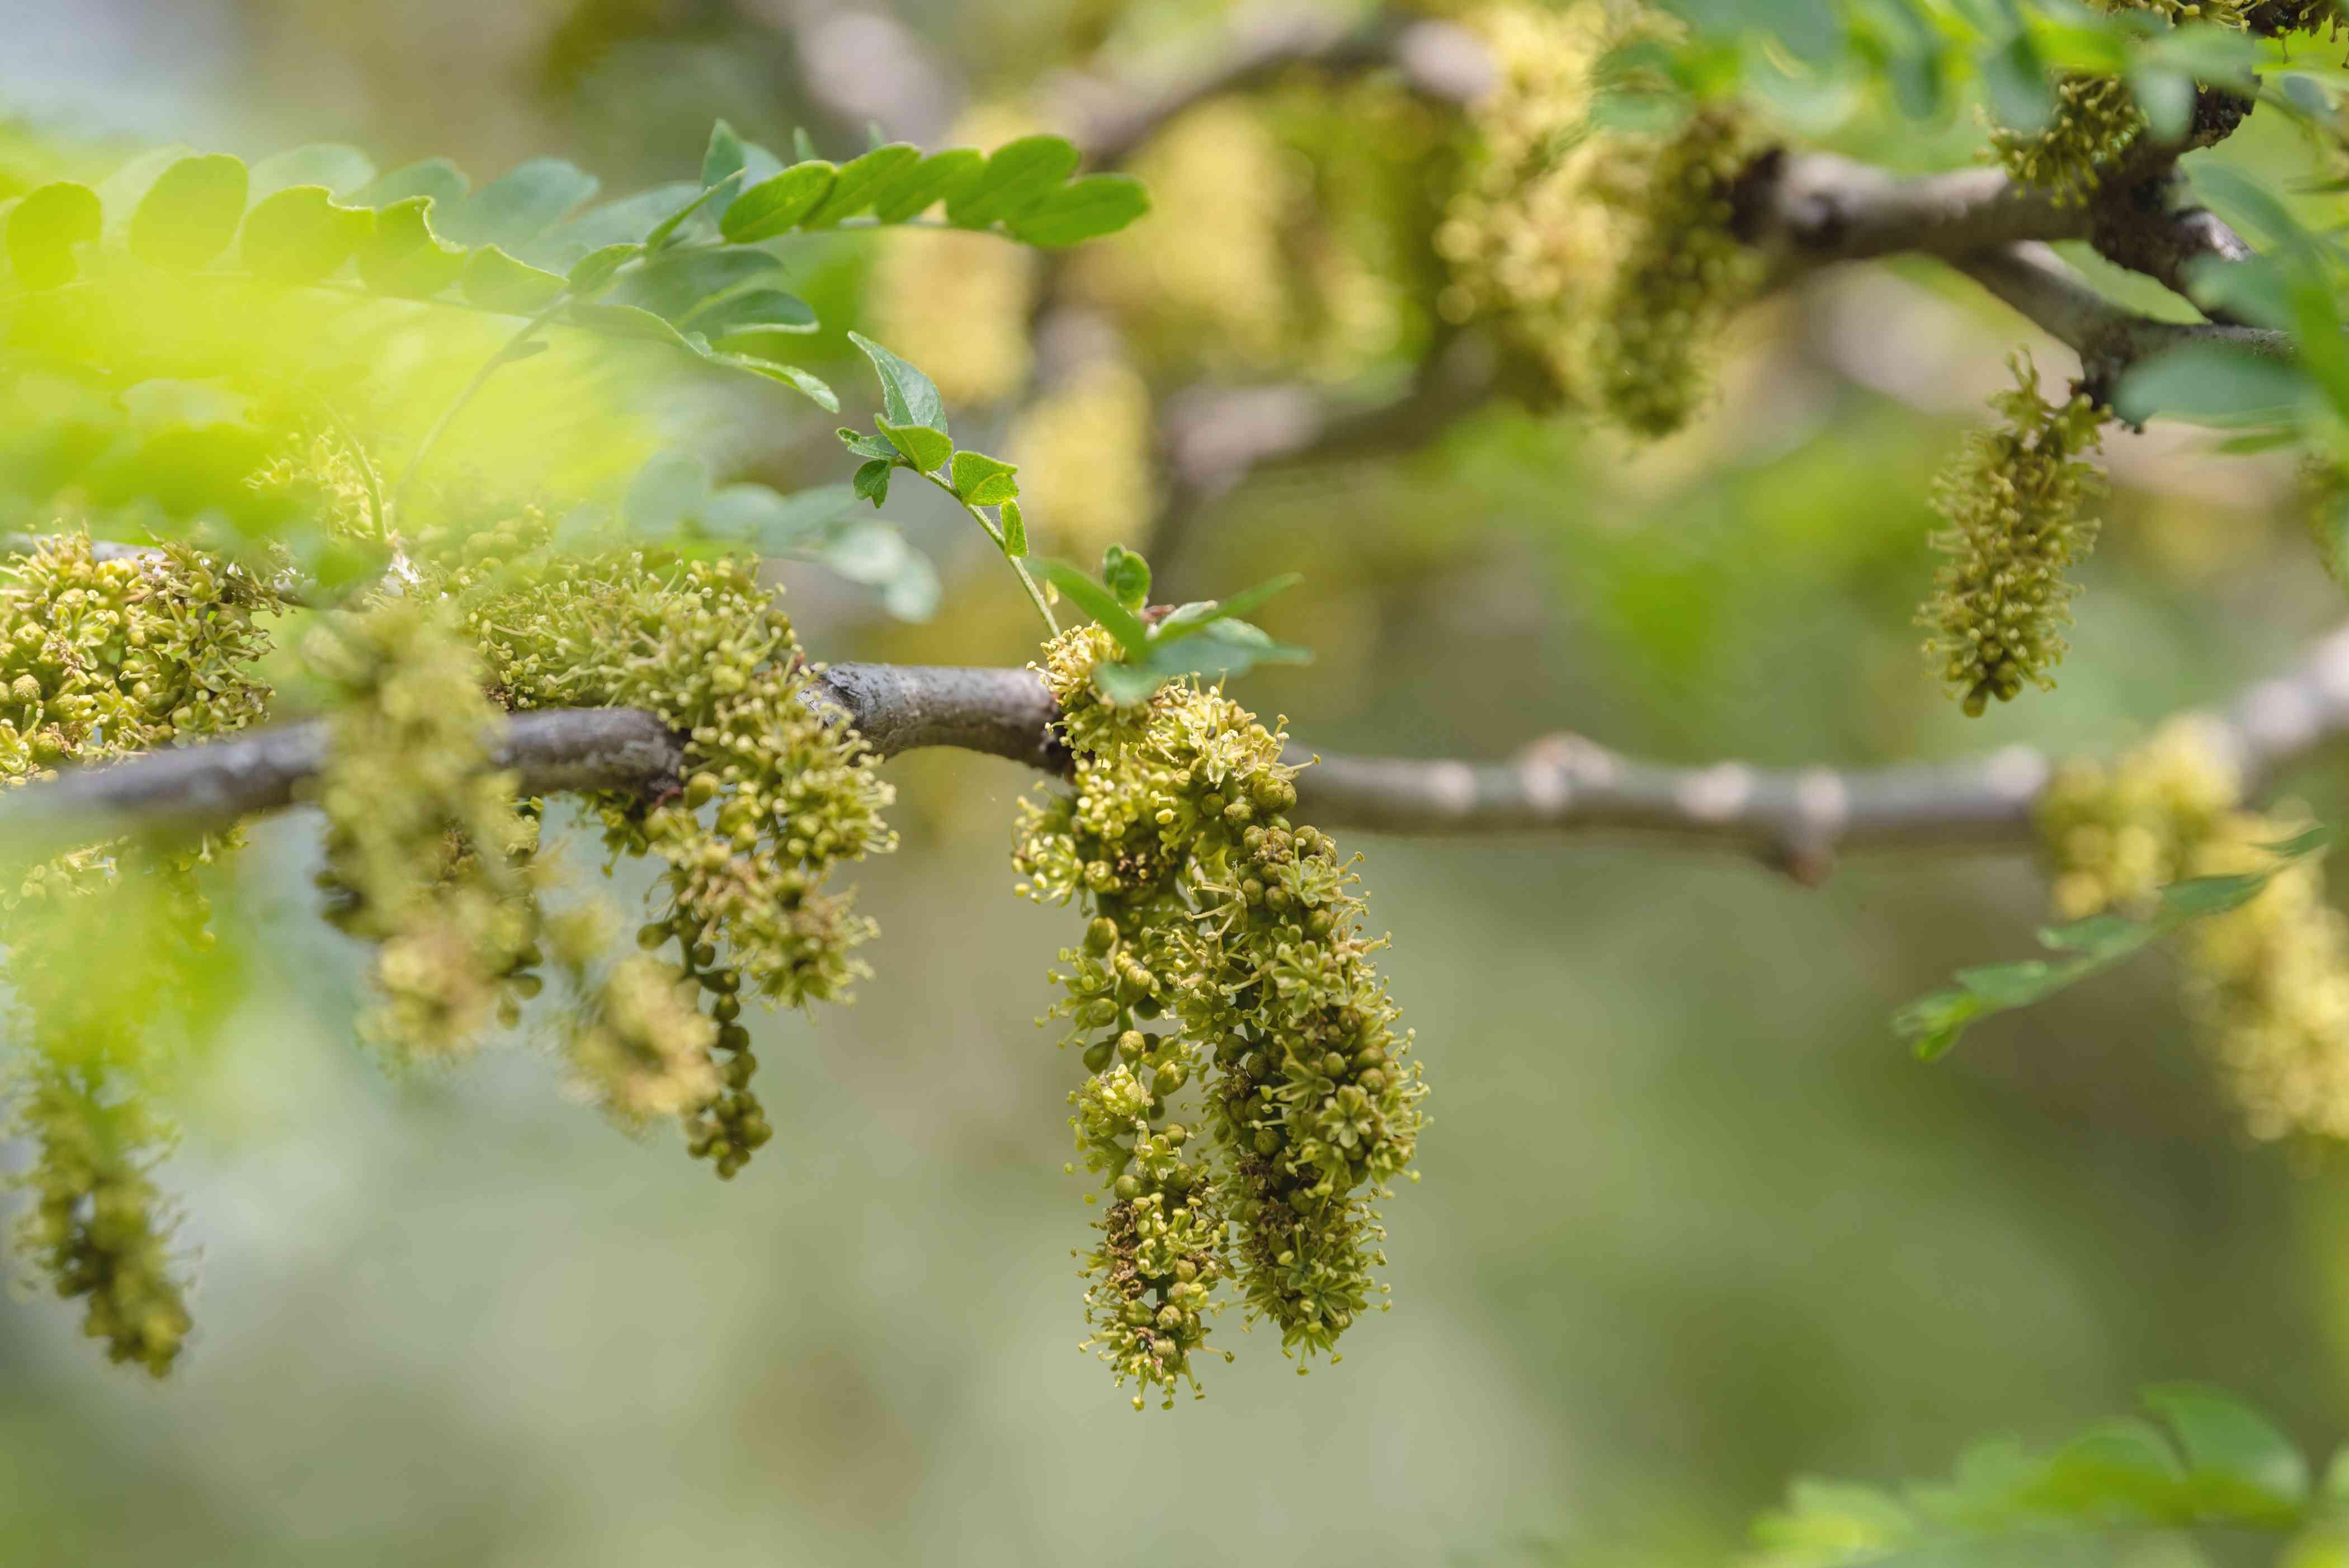 Sunburst honey locust tree branch with yellow-green panicles hanging closeup